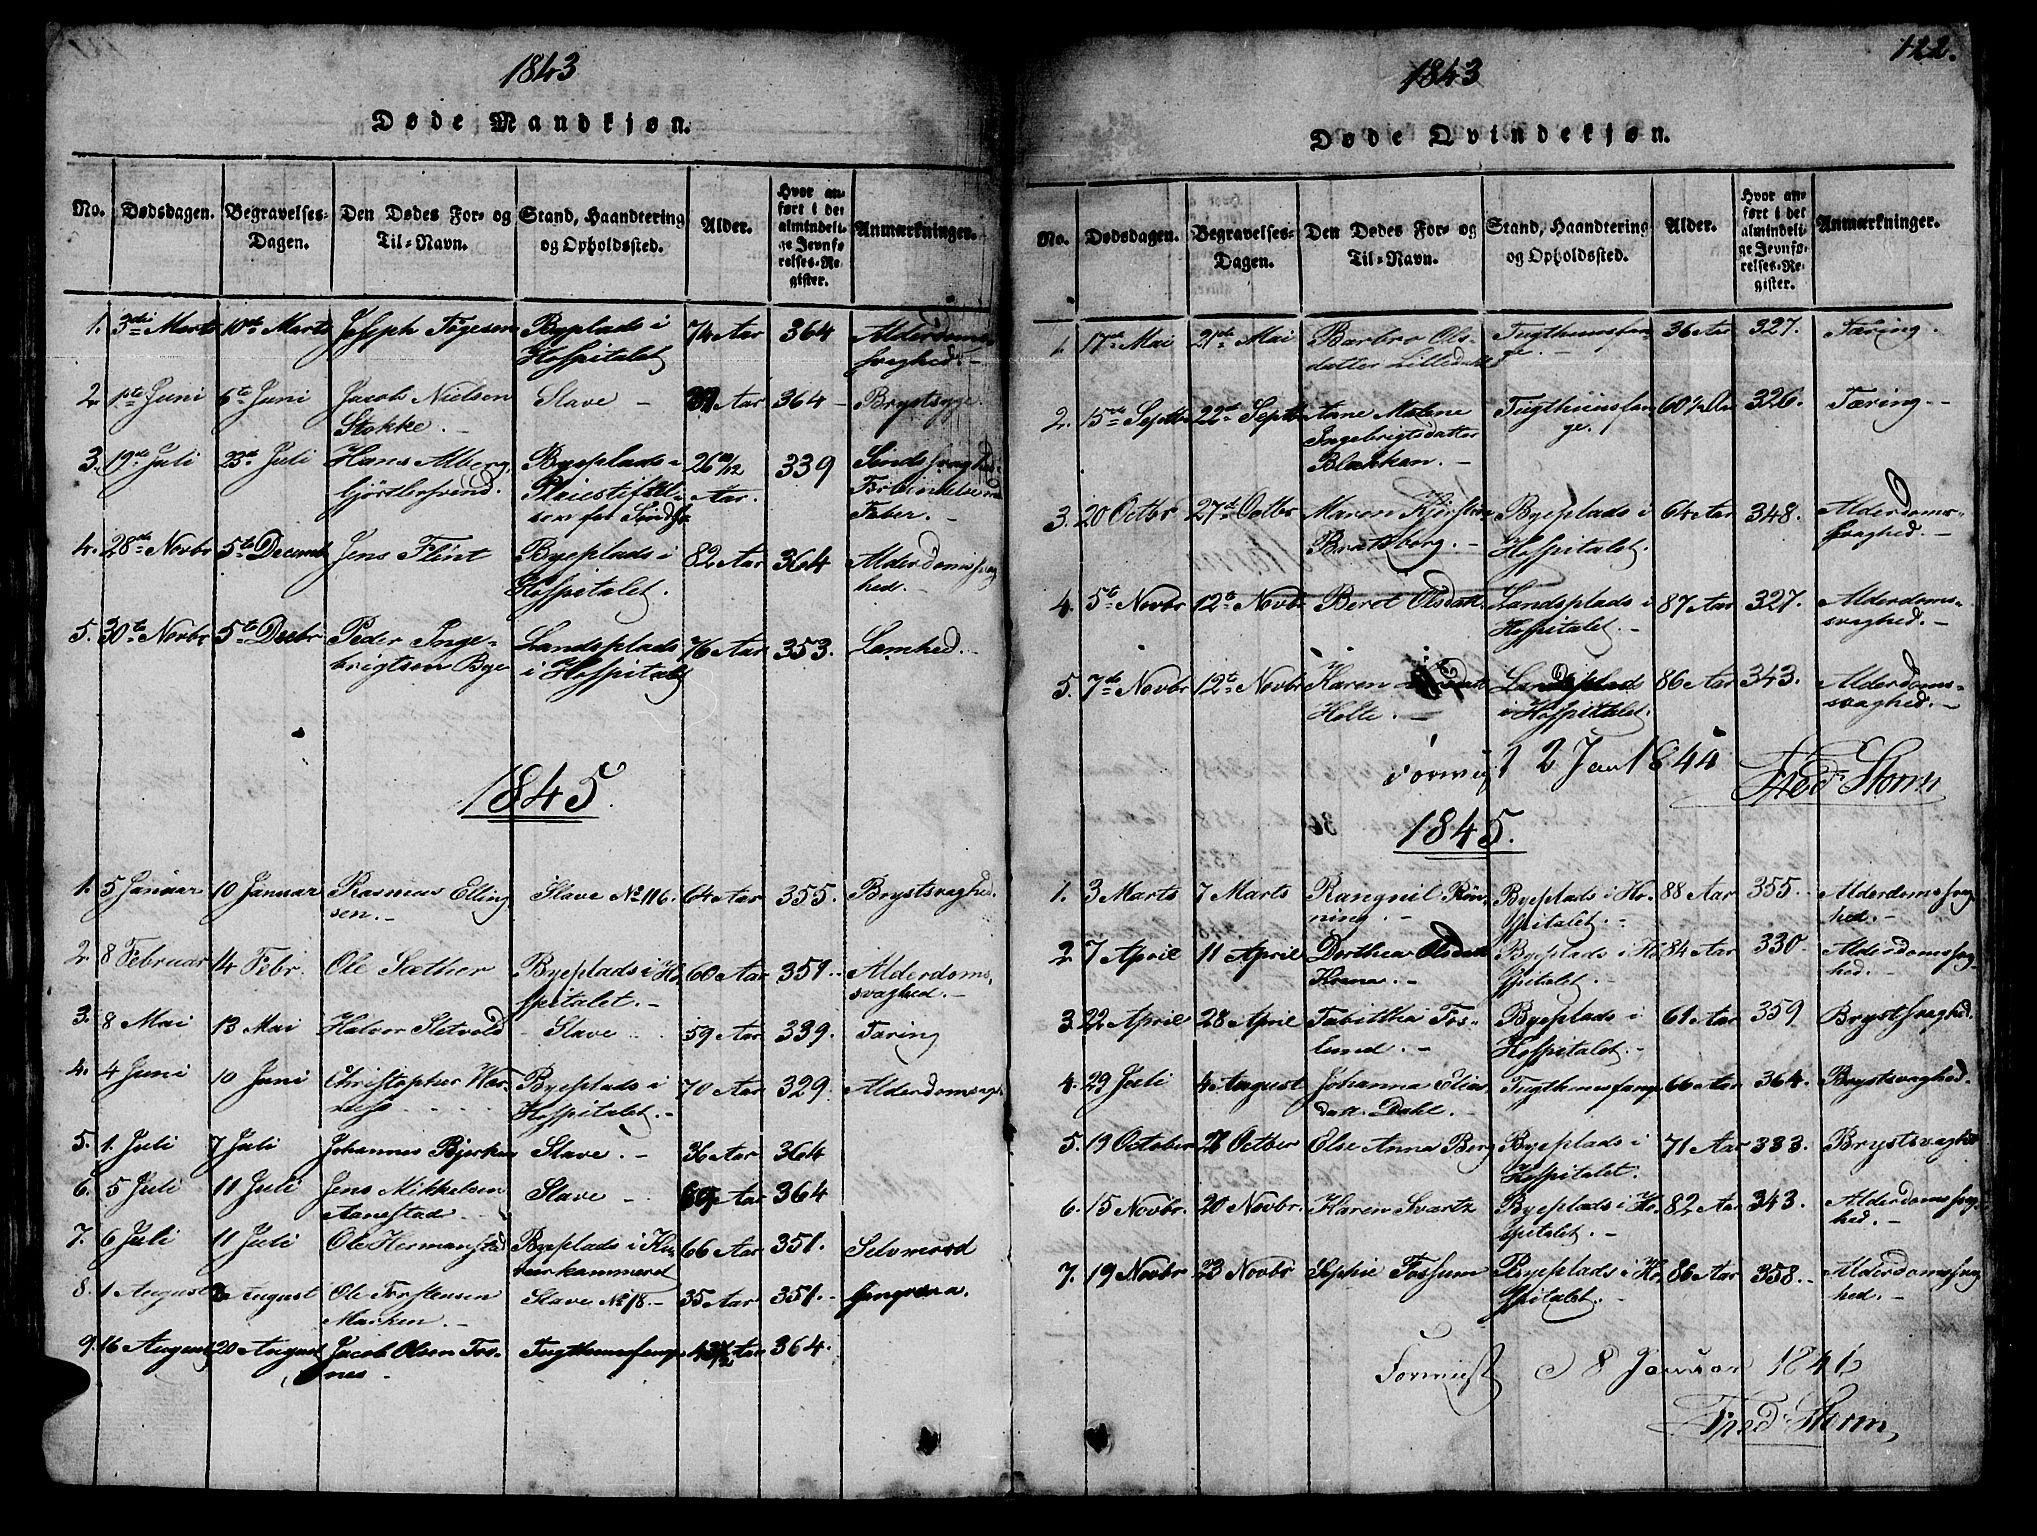 SAT, Ministerialprotokoller, klokkerbøker og fødselsregistre - Sør-Trøndelag, 623/L0478: Klokkerbok nr. 623C01, 1815-1873, s. 122